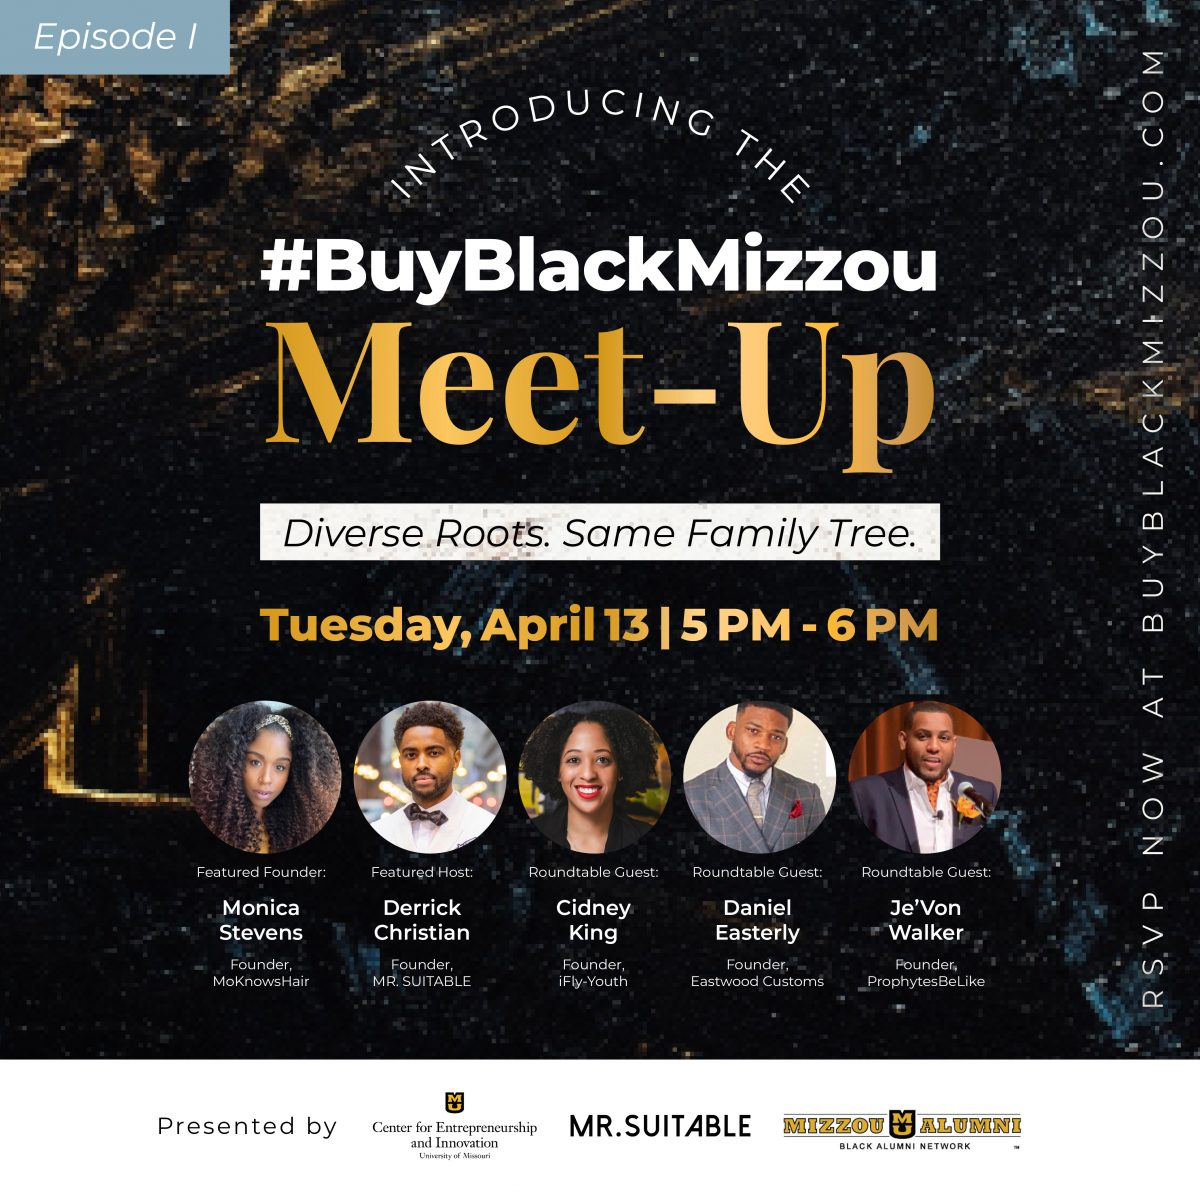 Introducing the #BuyBlackMizzou Meet-Up.